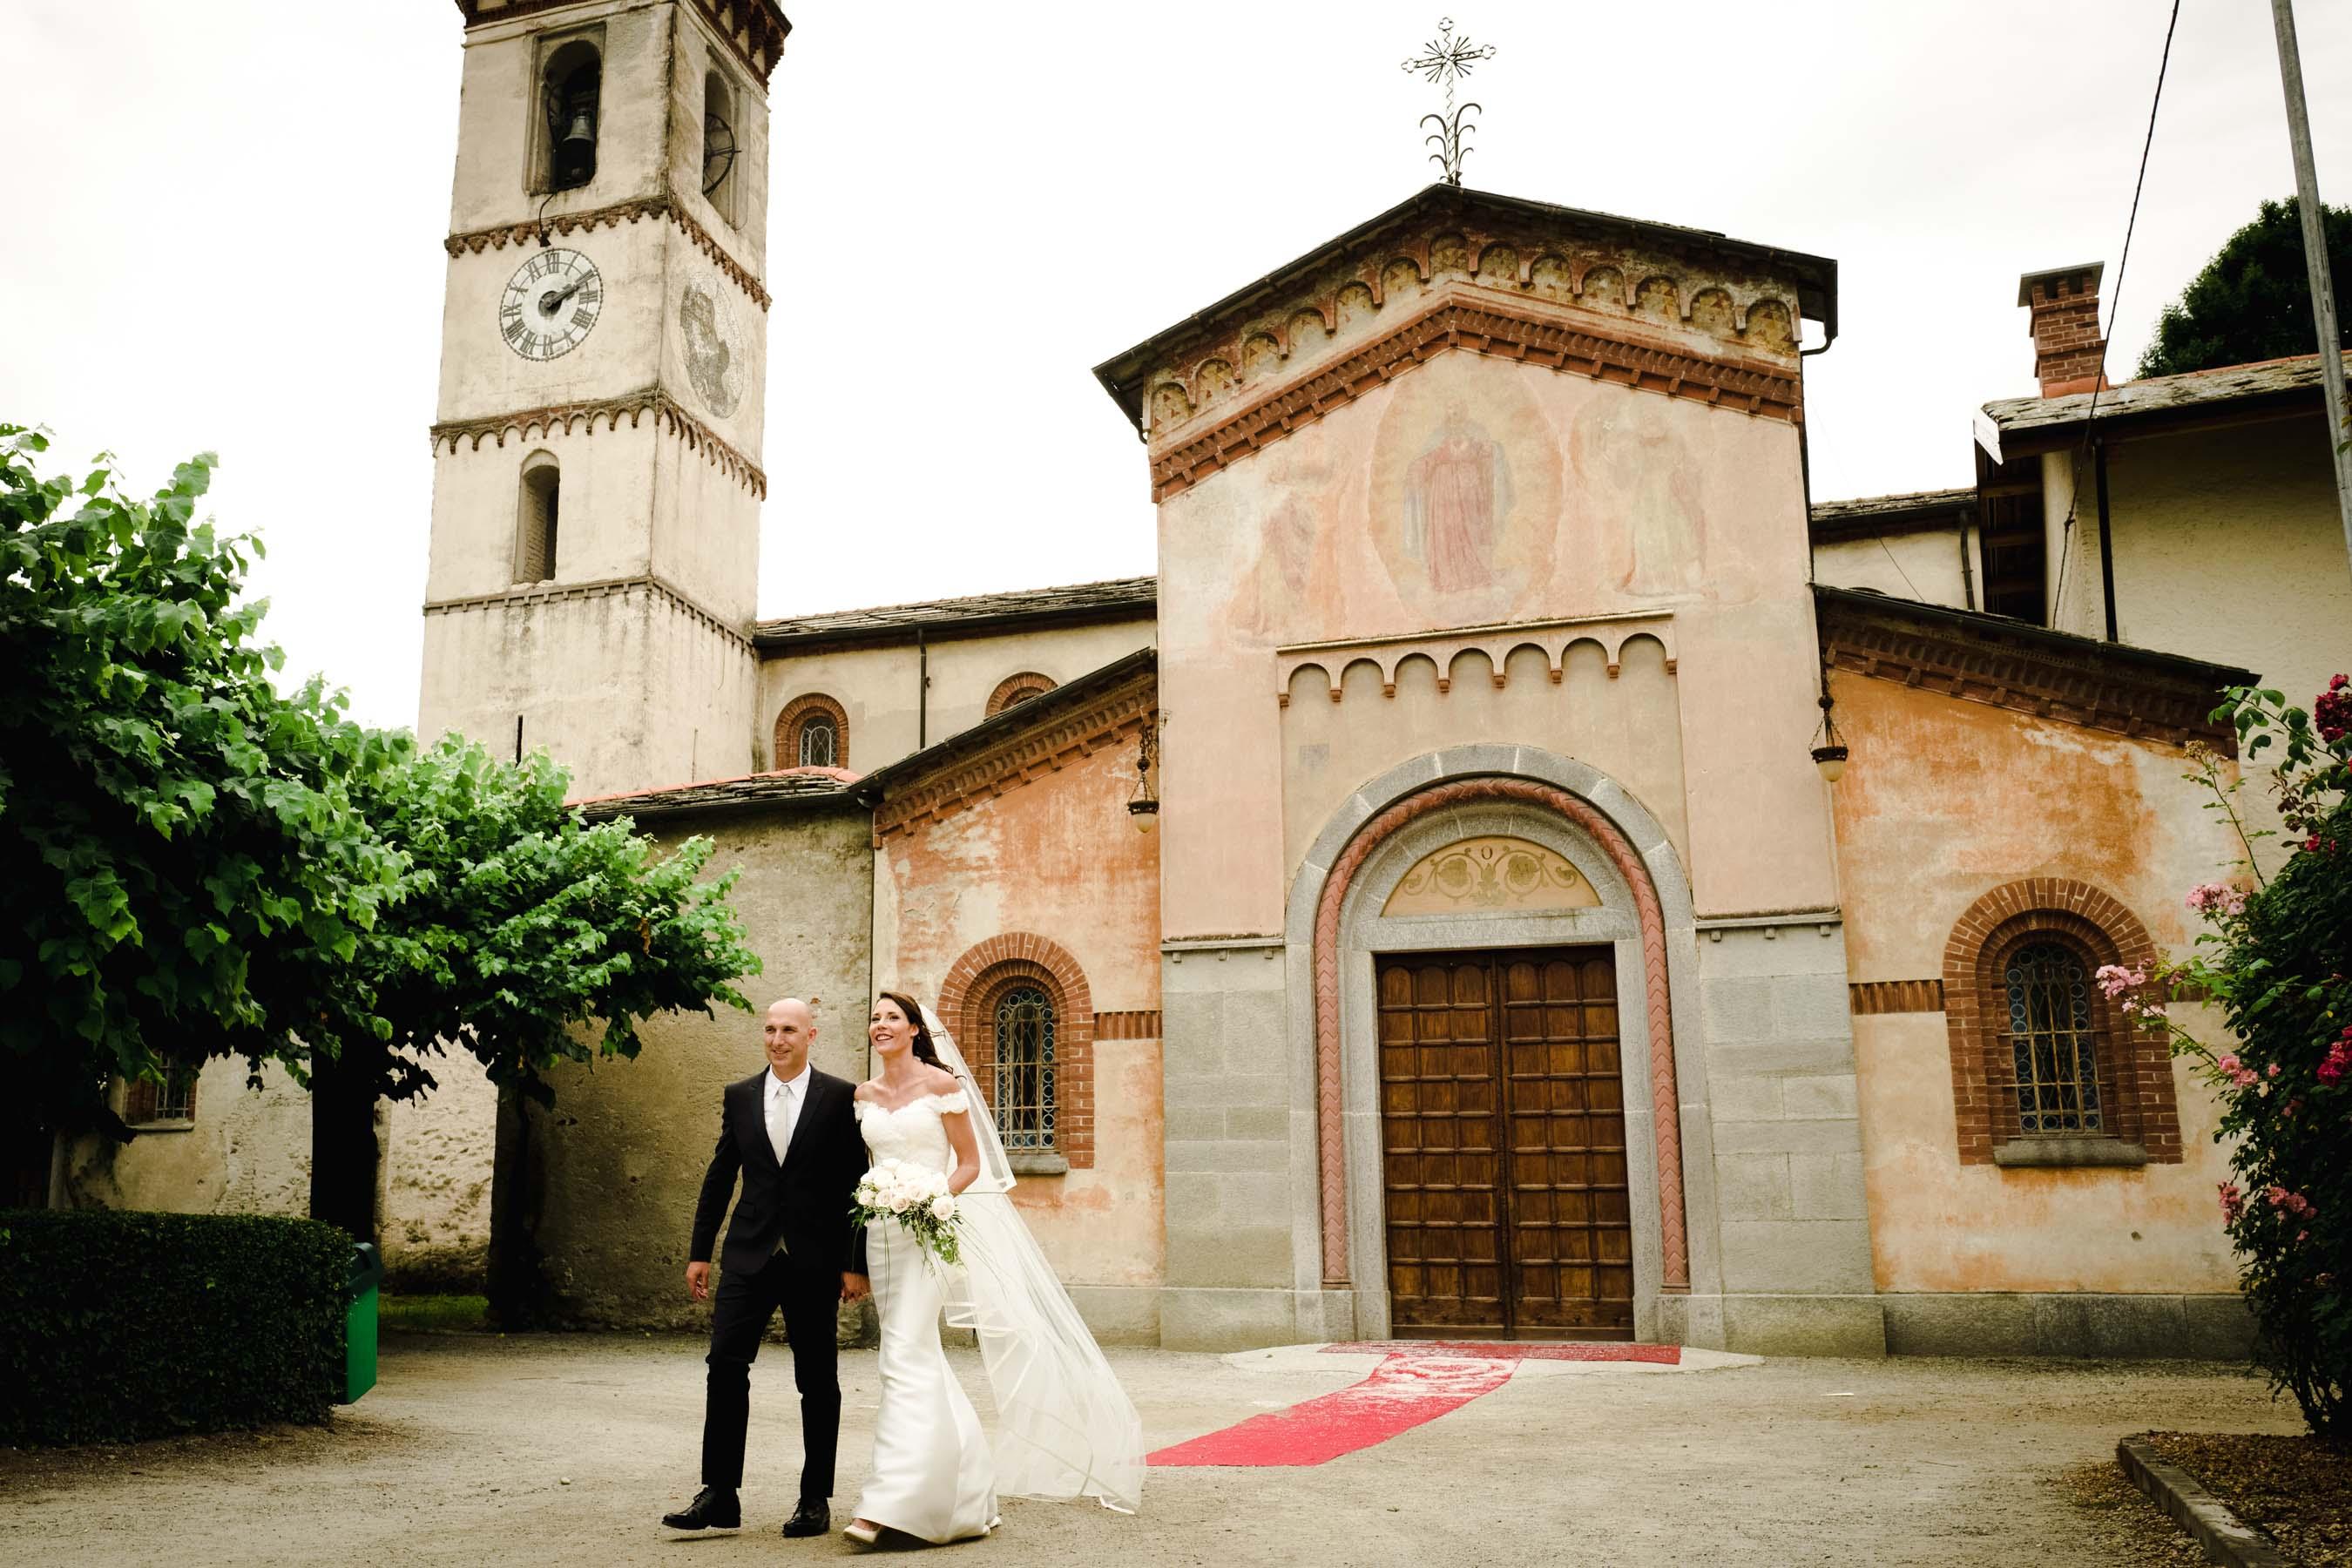 art foto_torino_monica sica photography_la vià _cavour_ fotografo matrimonio_torino-38